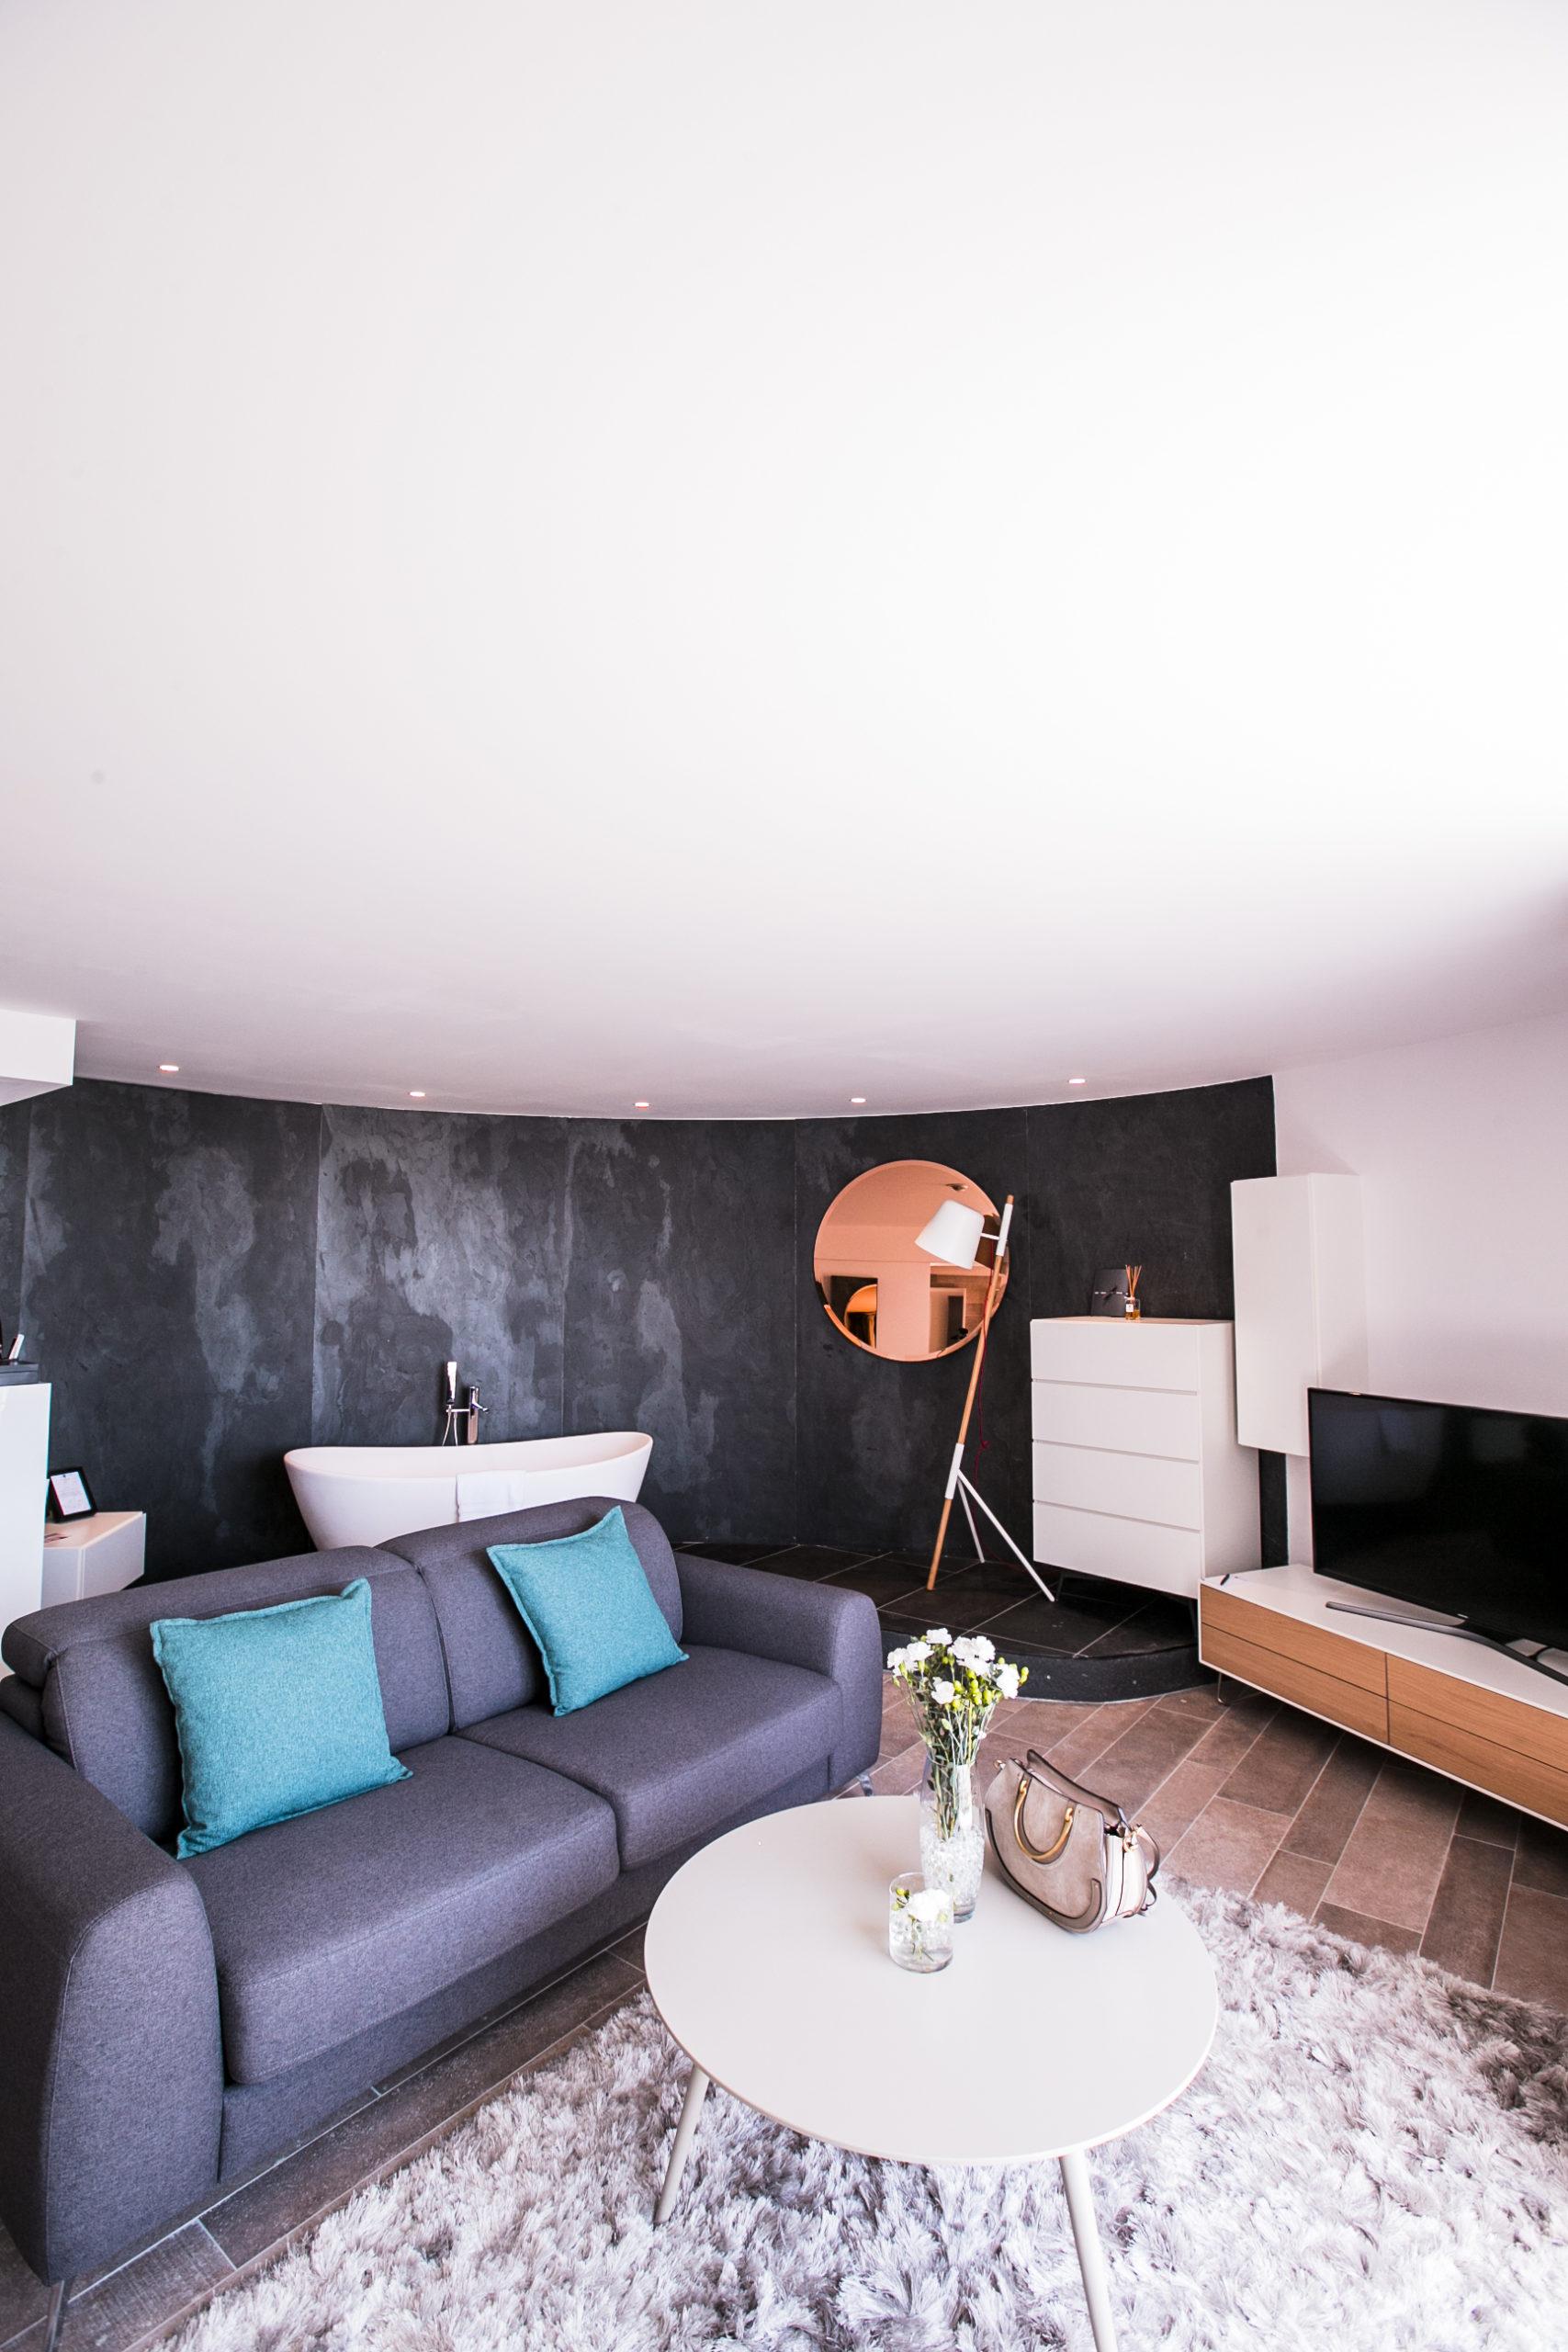 Chambre spacieuse à la décoration moderne avec canapé, télévision et baignoire, hotel bord de mer méditerarranée, Hôtel La Plage.